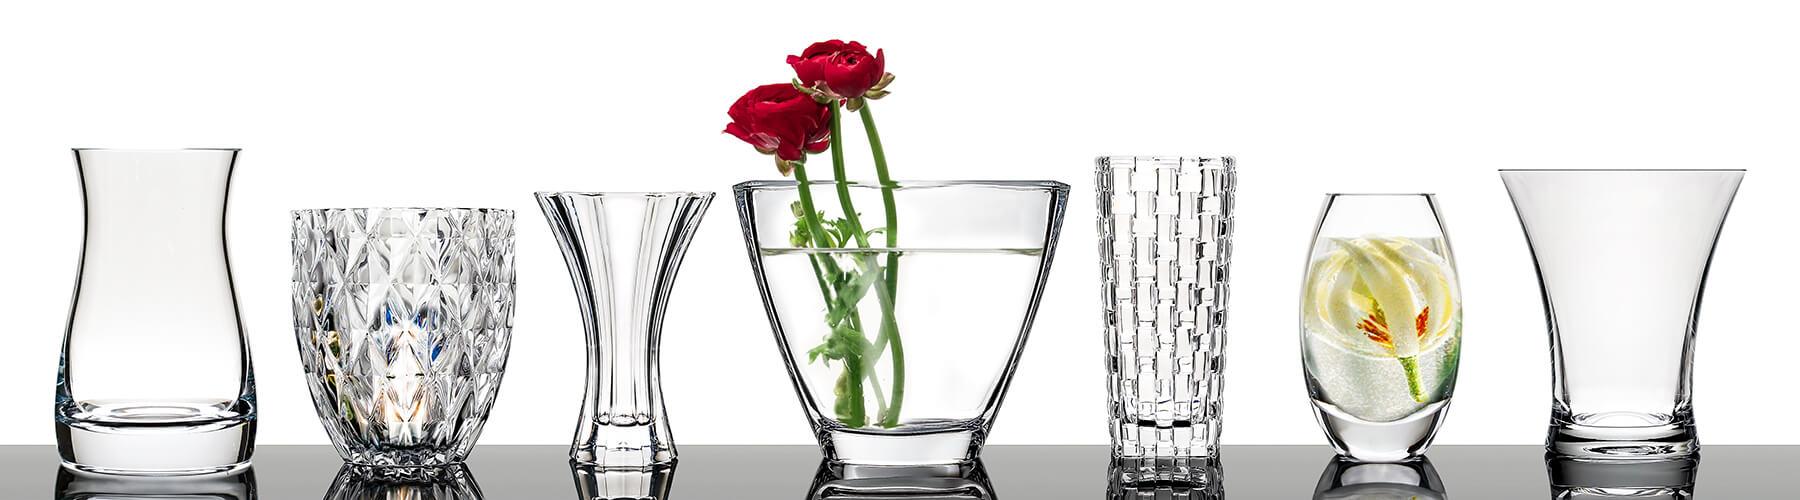 glasvasen in exklusivem design vasen aus glas glasklar. Black Bedroom Furniture Sets. Home Design Ideas